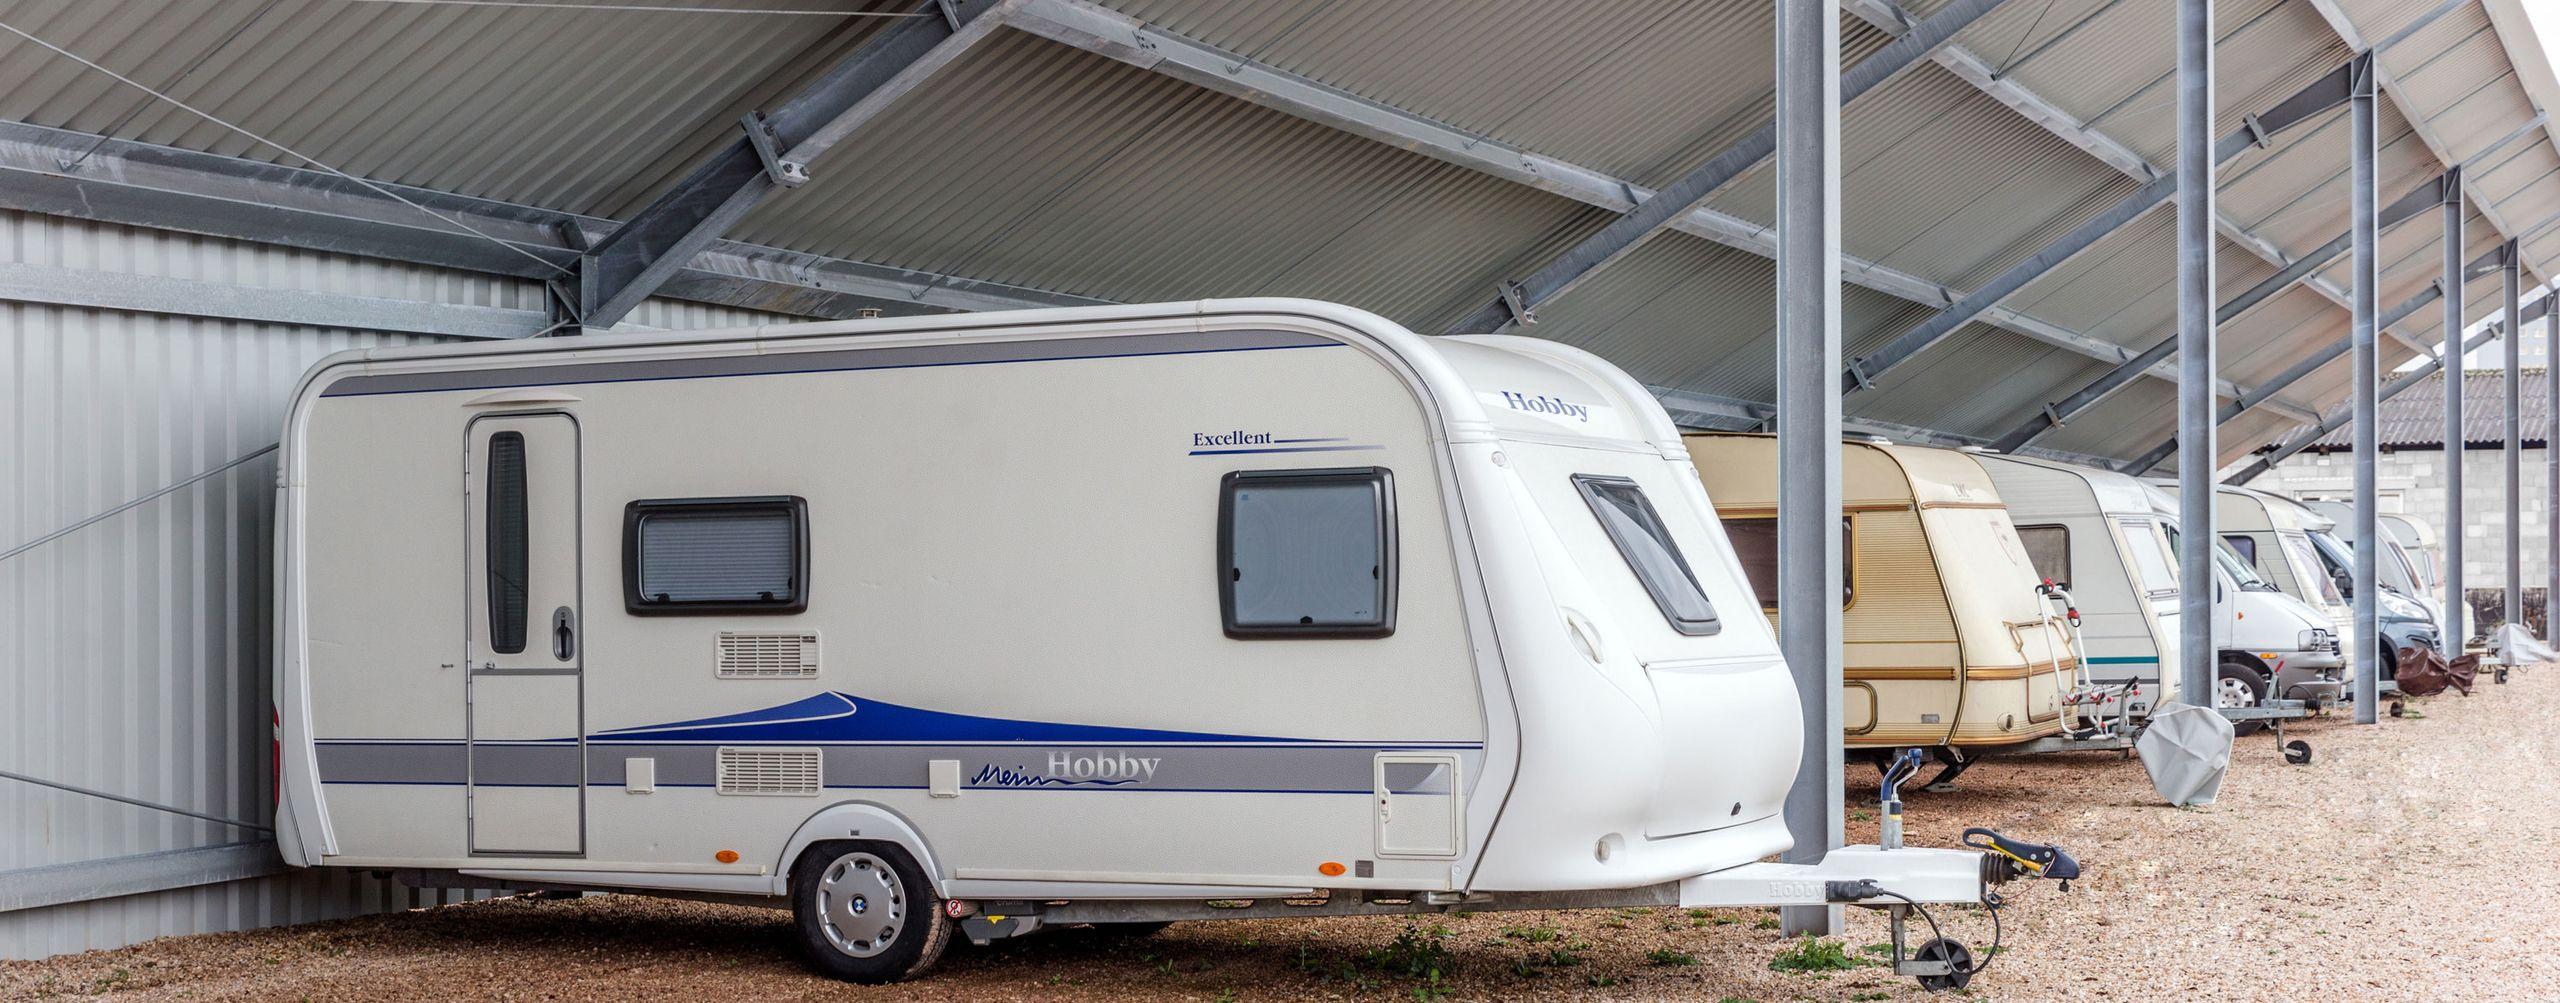 Caravanstellplätze bei Hampl Motors GmbH